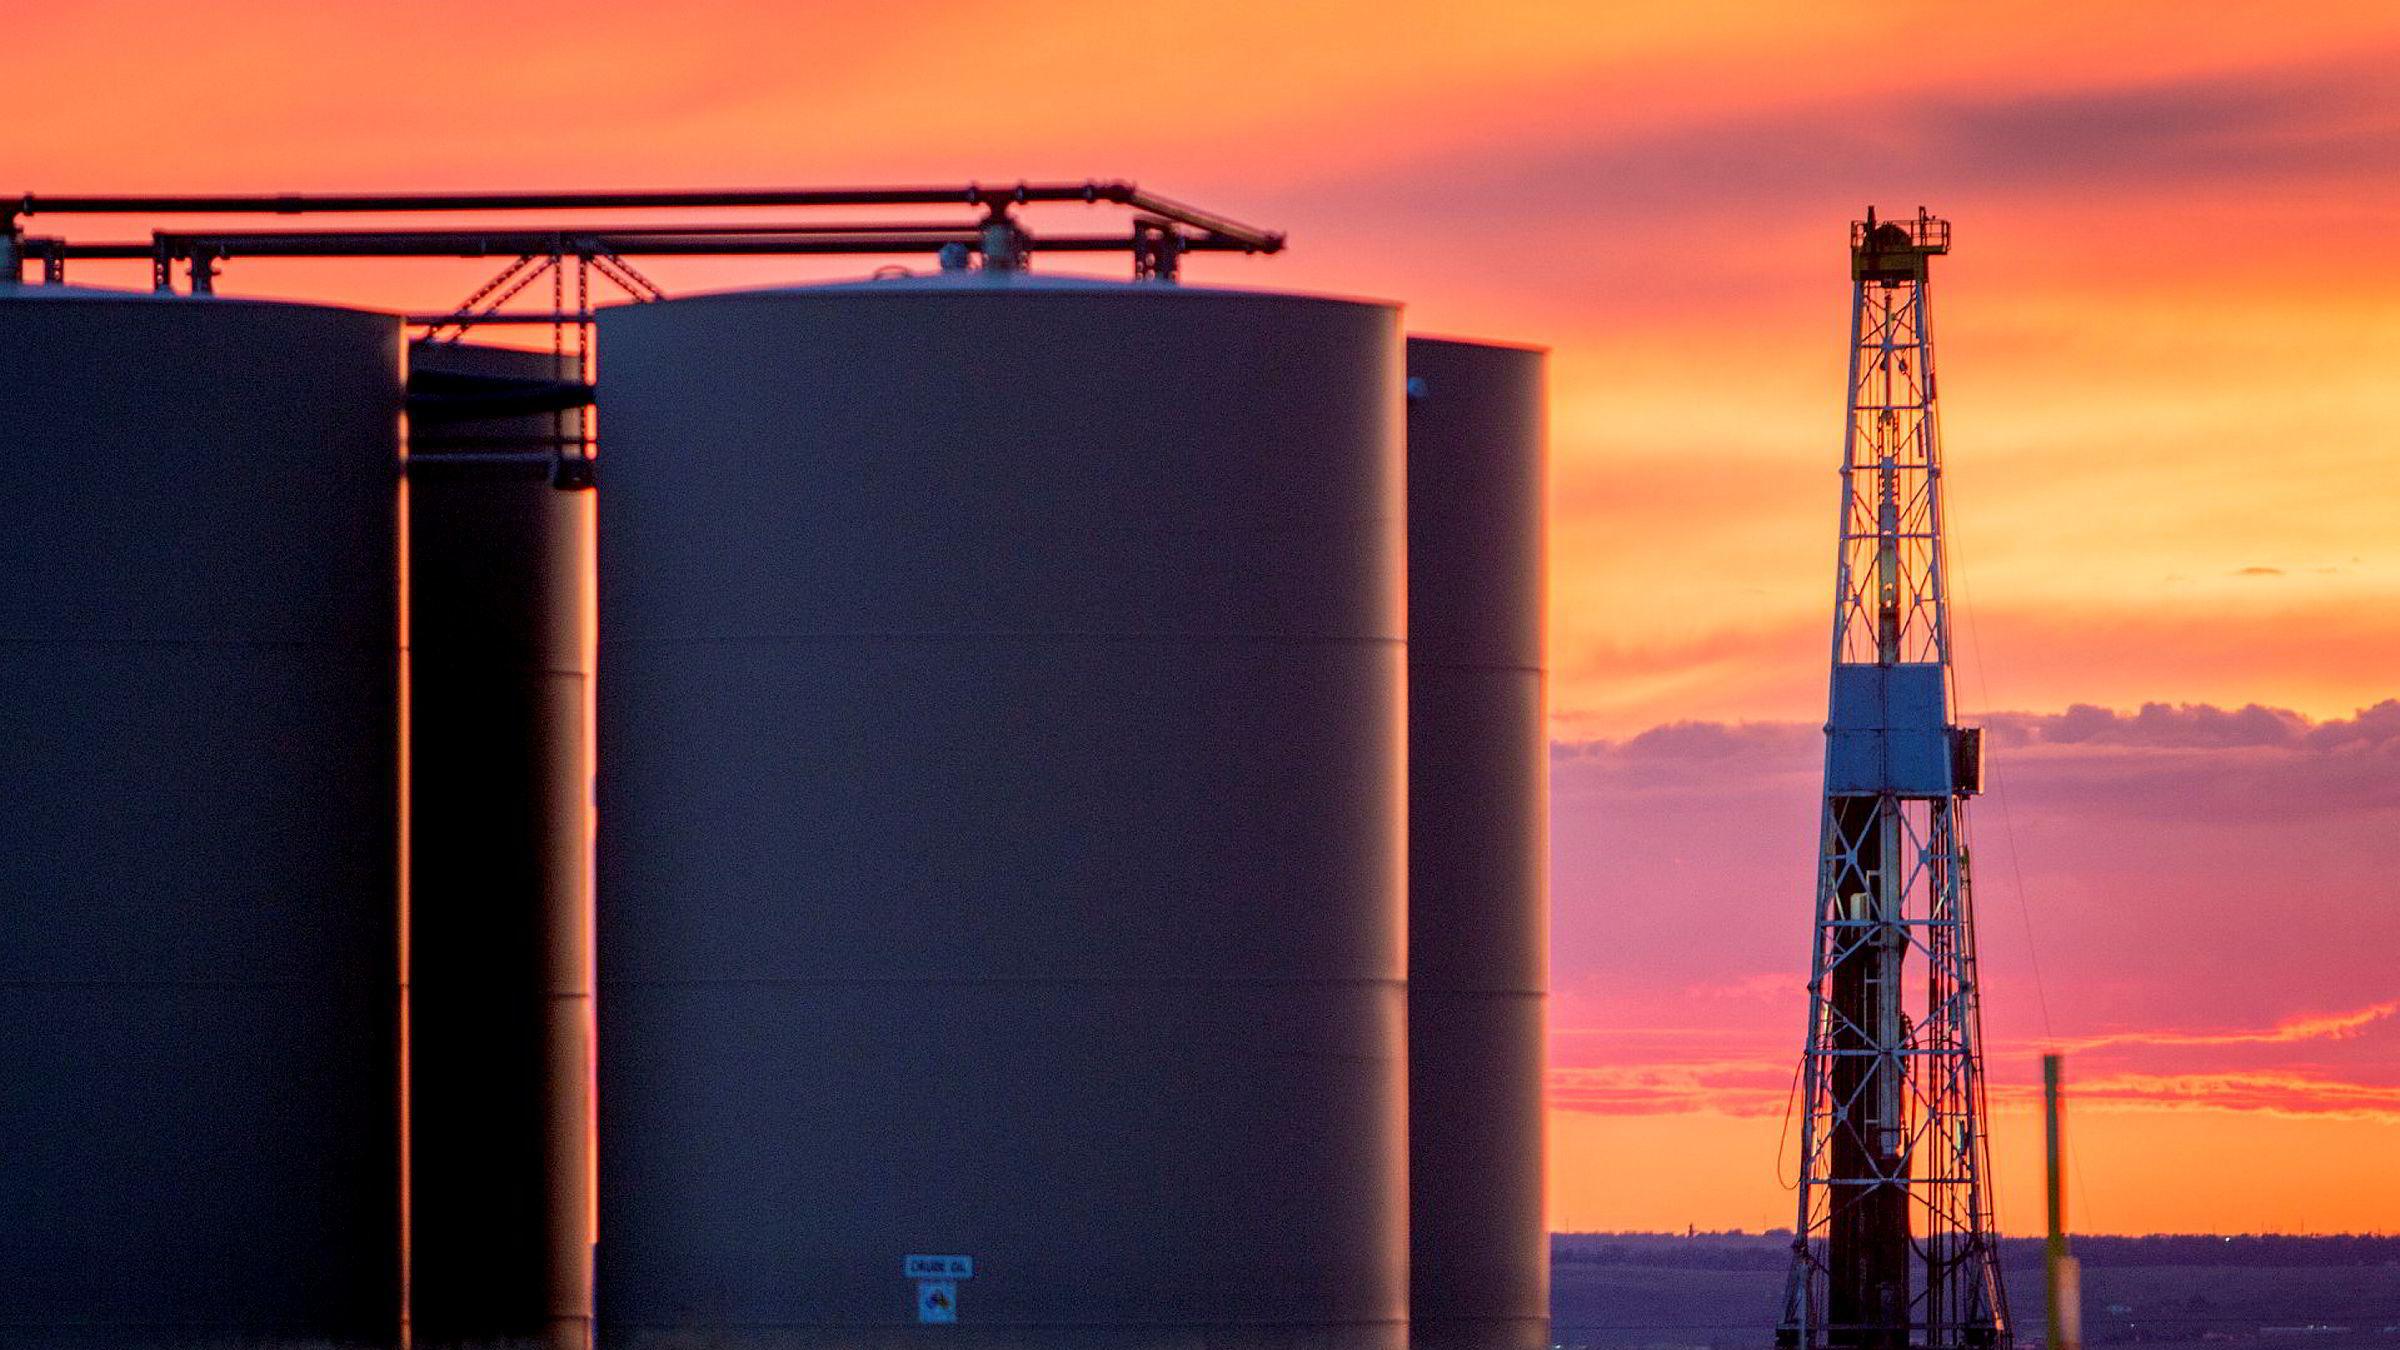 Denne boreriggen i Williston i Nord-Dakota får representere den amerikanske skiferoljen som fundamentalt har endret forutsetningene i oljemarkedet.